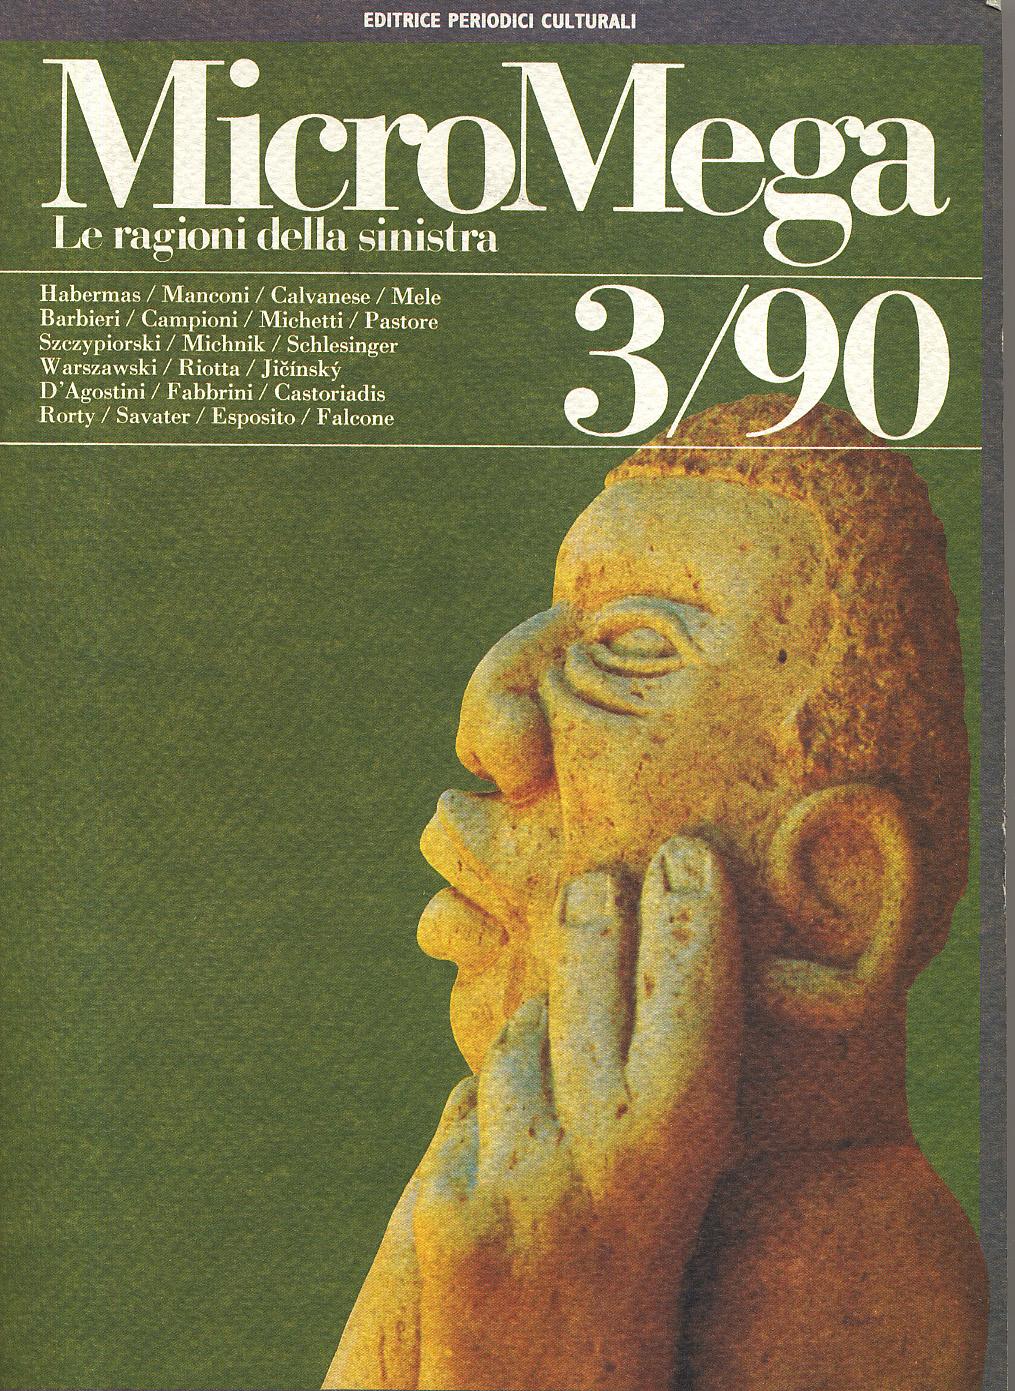 MicroMega 3/90